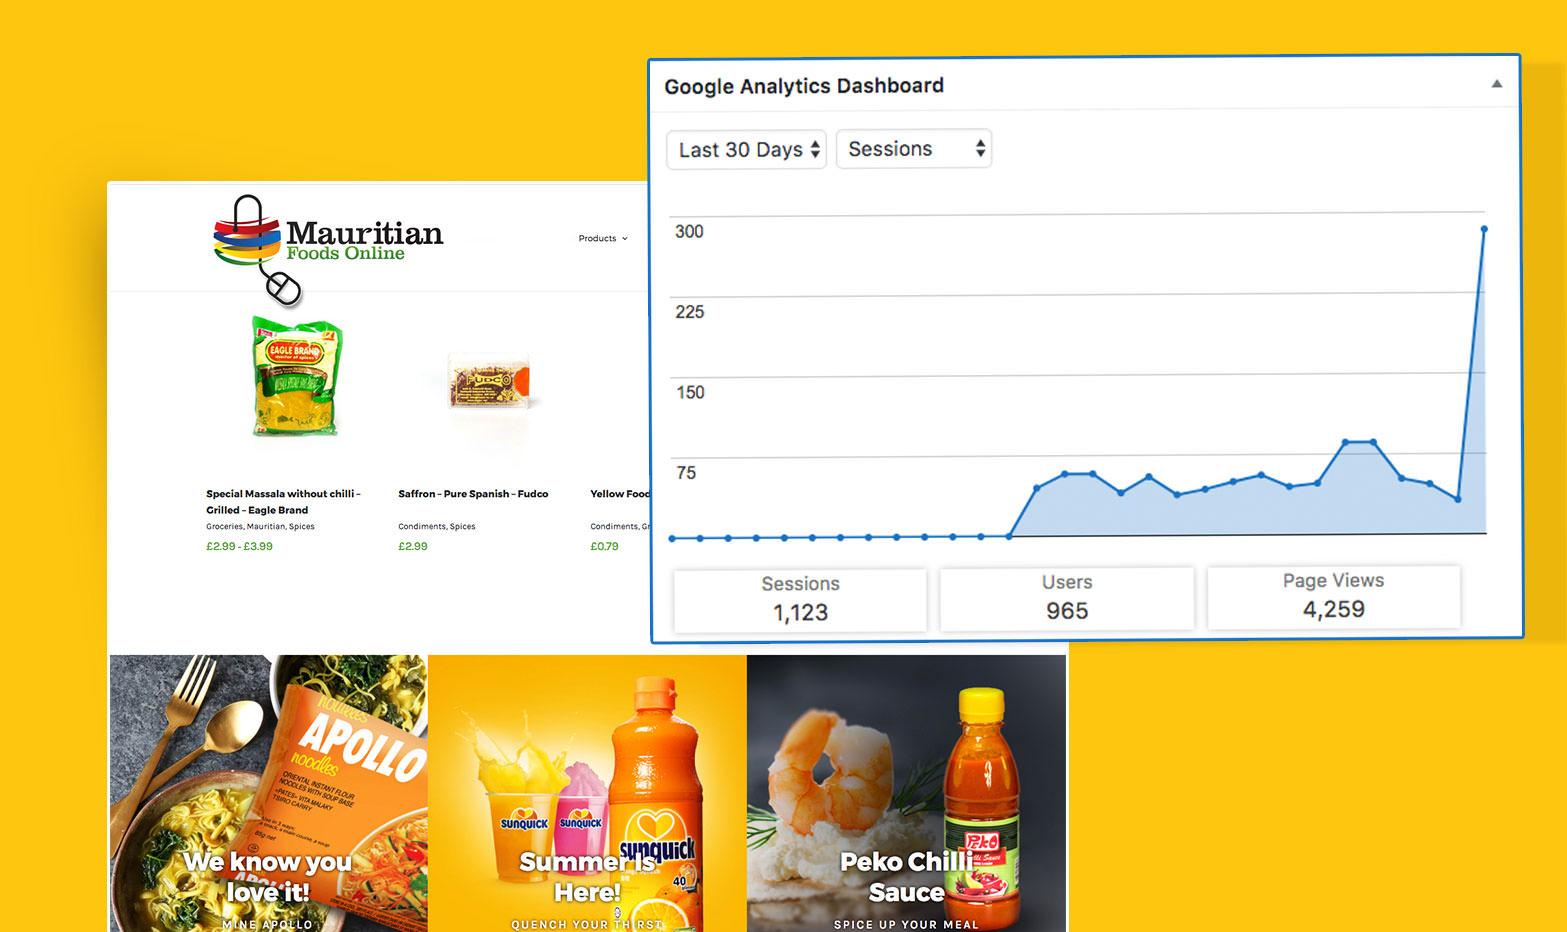 Mauritian Foods Online - Analytics